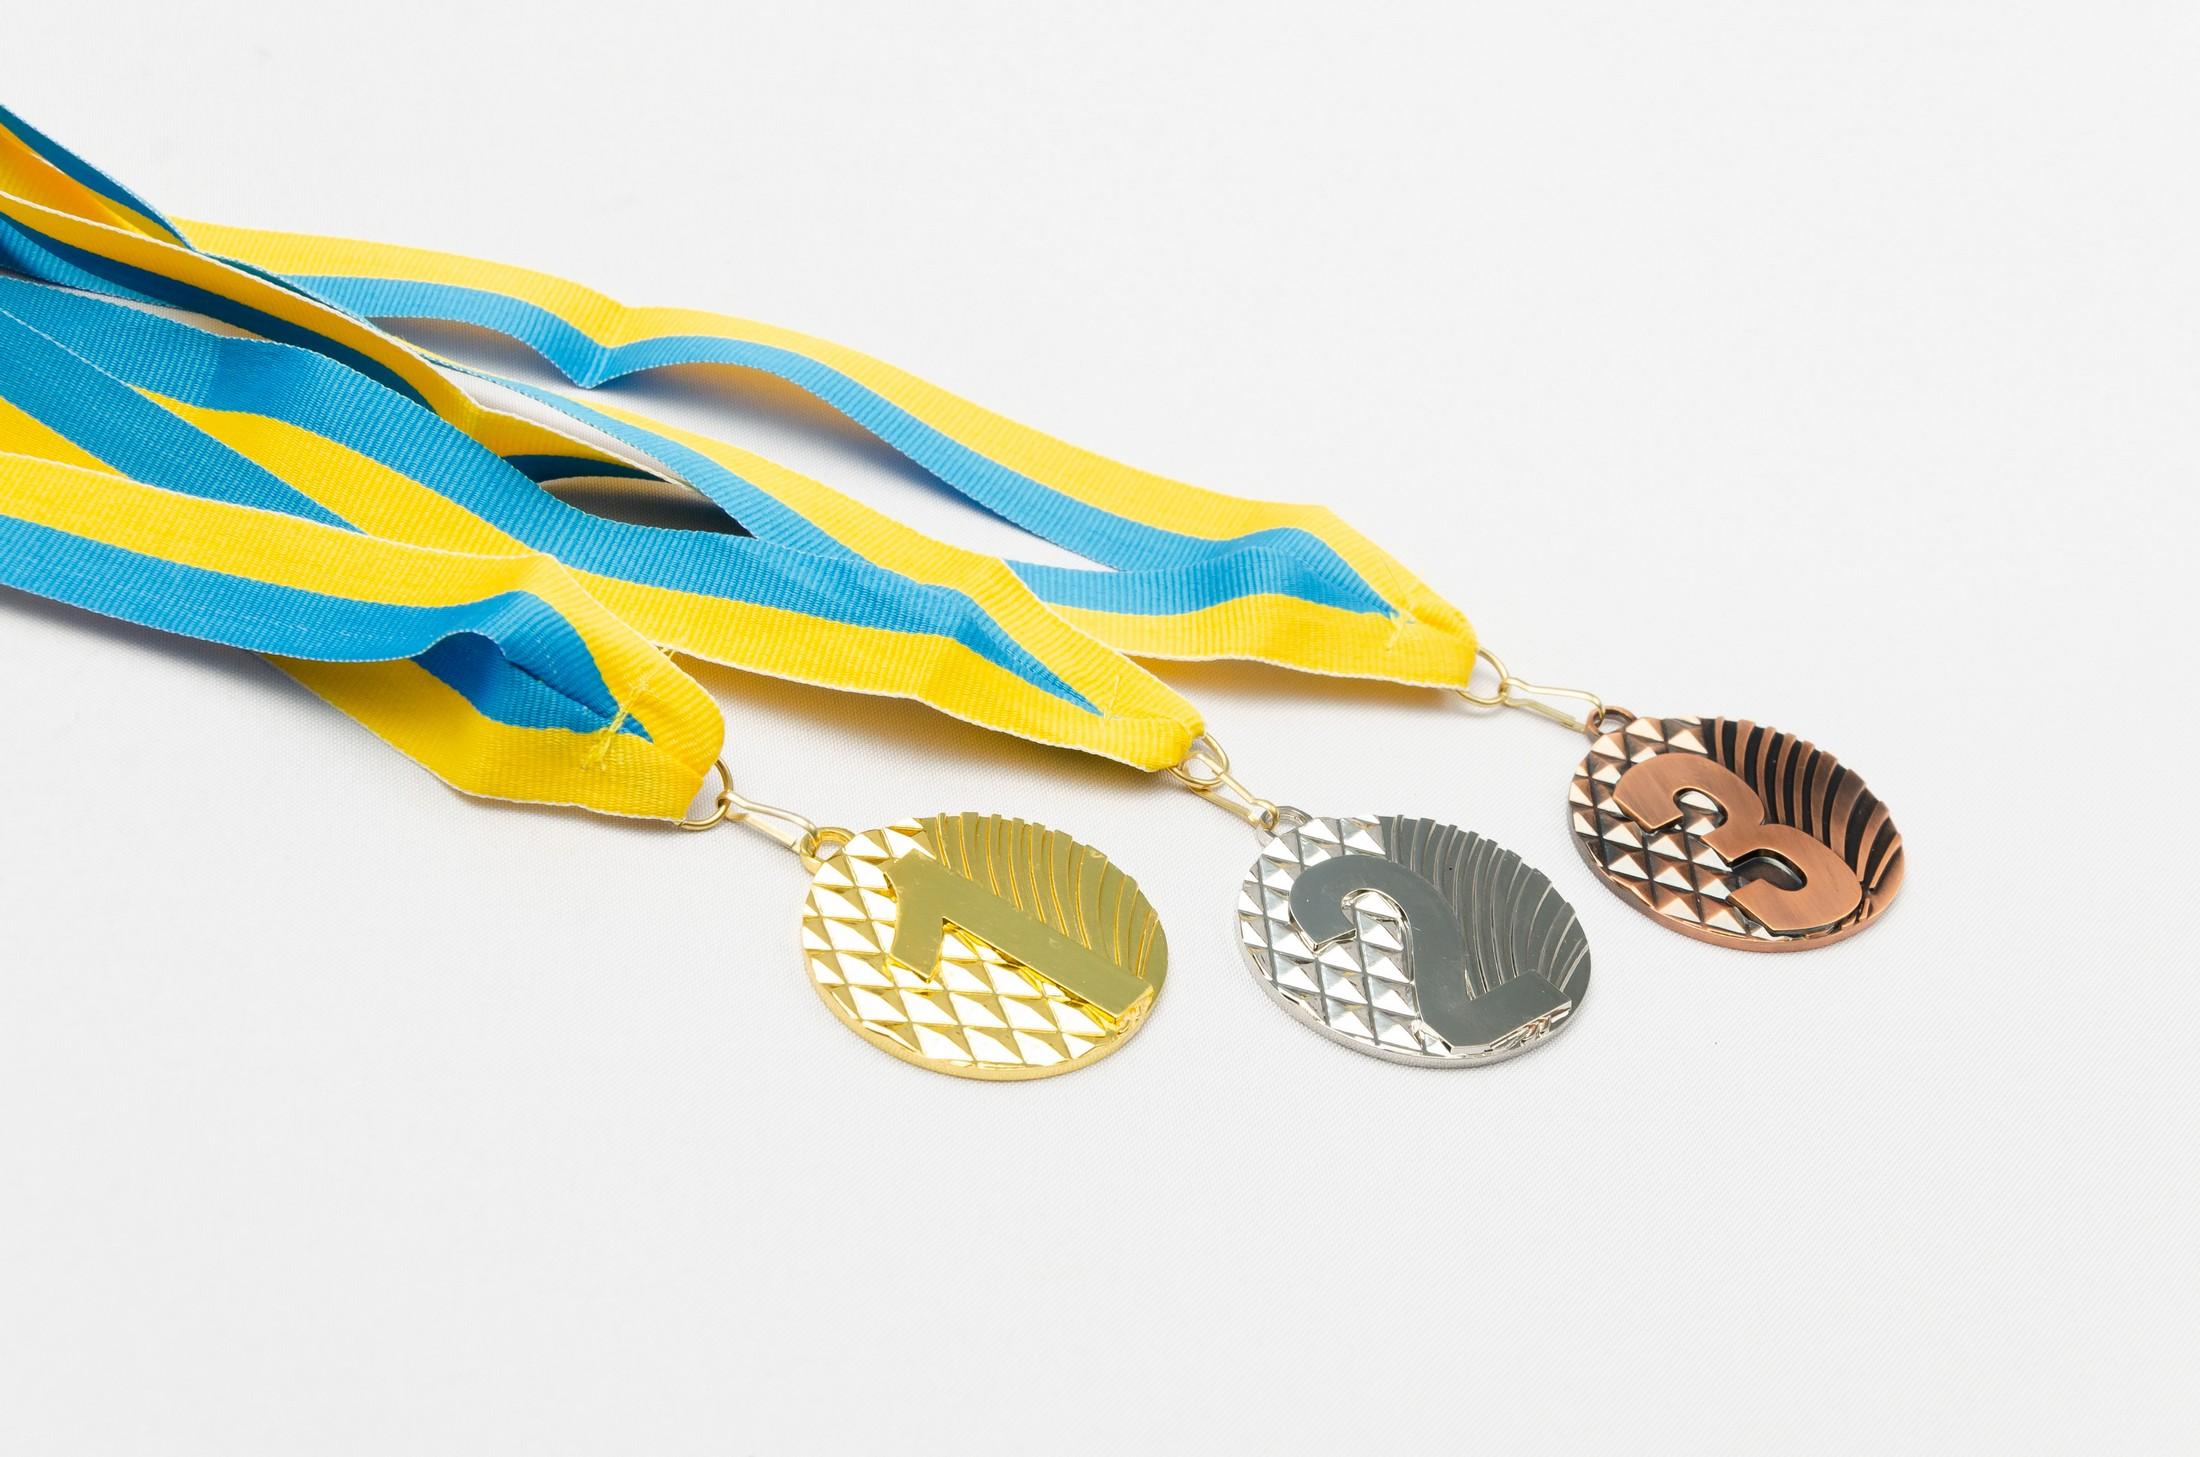 Комплект медалей наградных Ромб с лентой (1, 2, 3 место)  ø5см